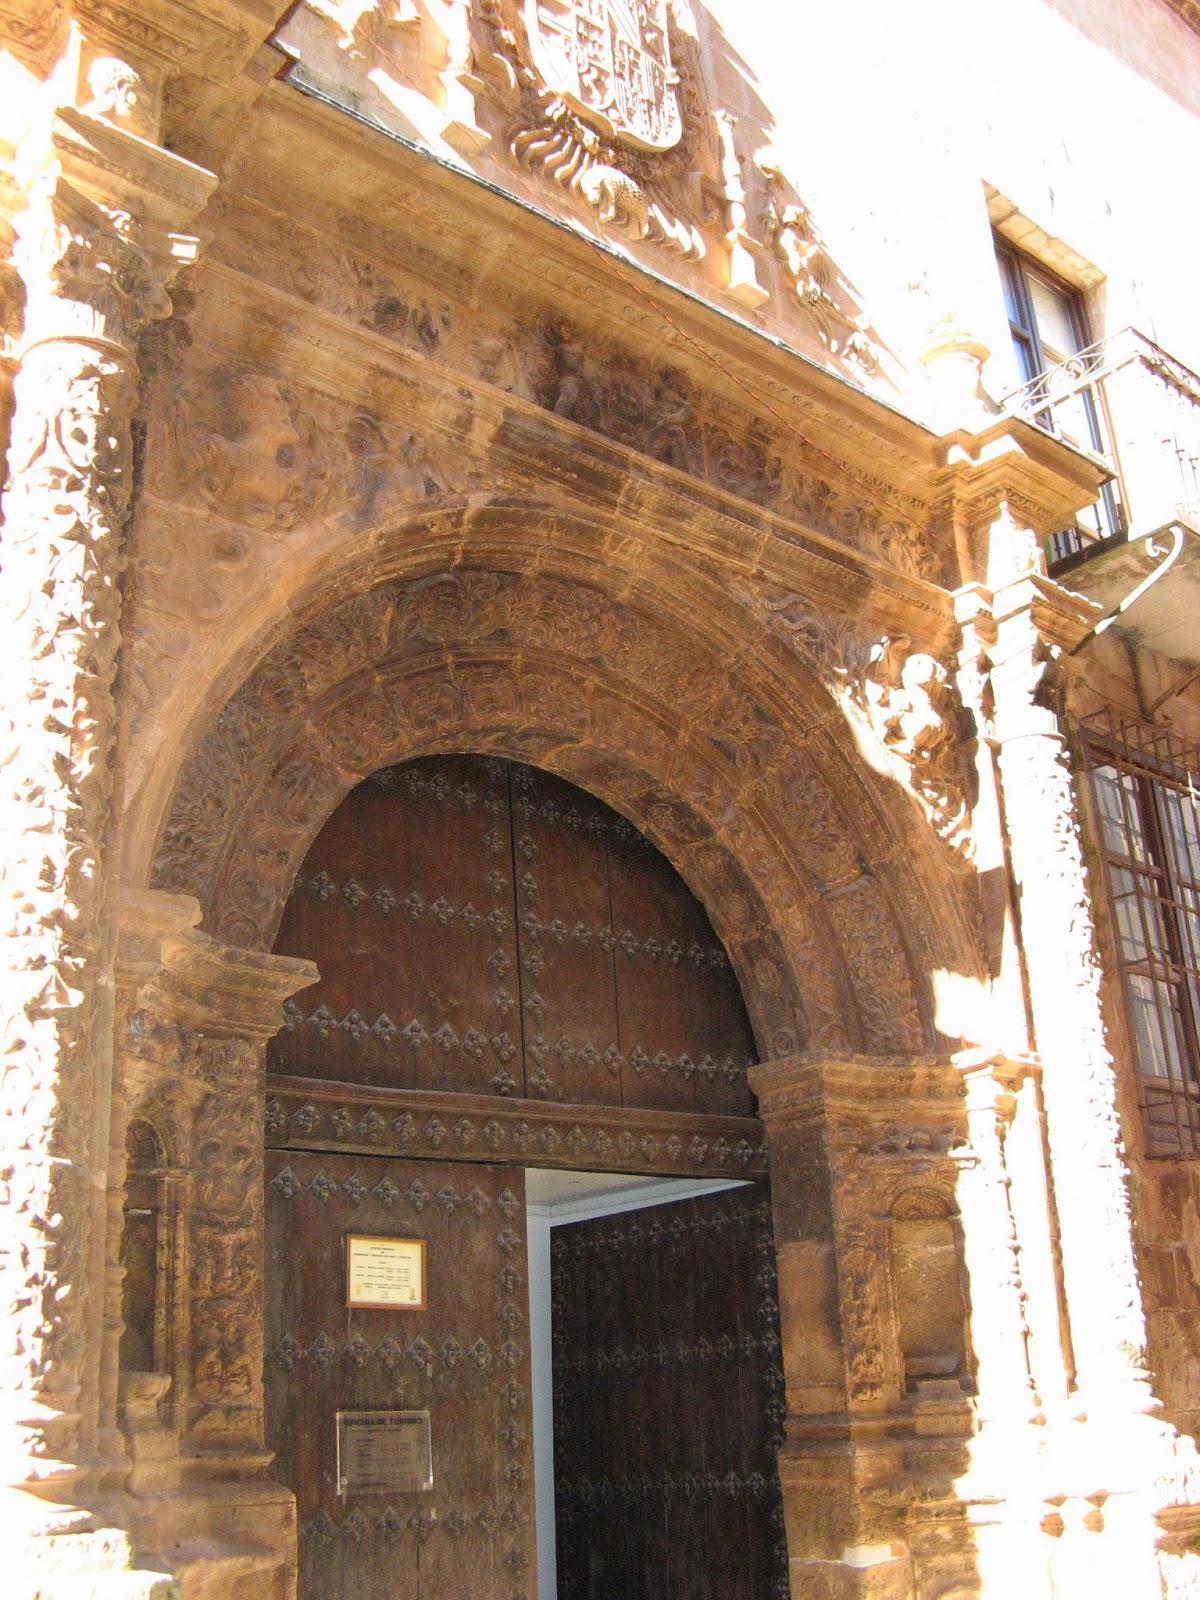 Rincones ibericos alcaraz albacete castilla la mancha for Oficina de turismo albacete